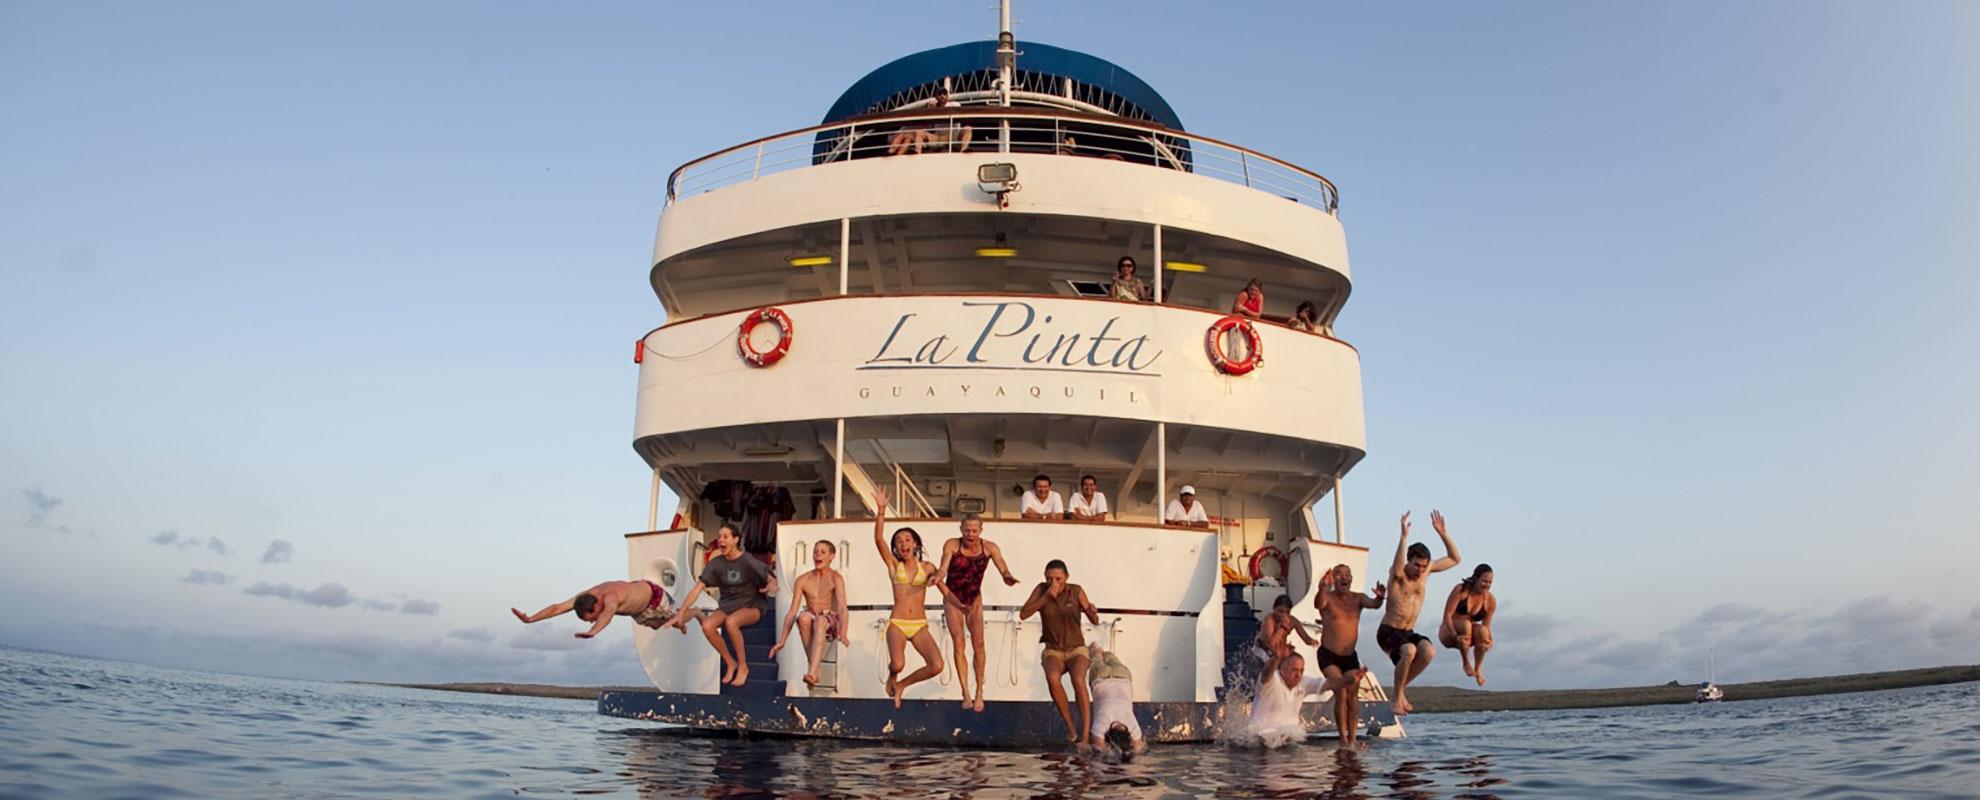 La Pinta Galapagos Yacht